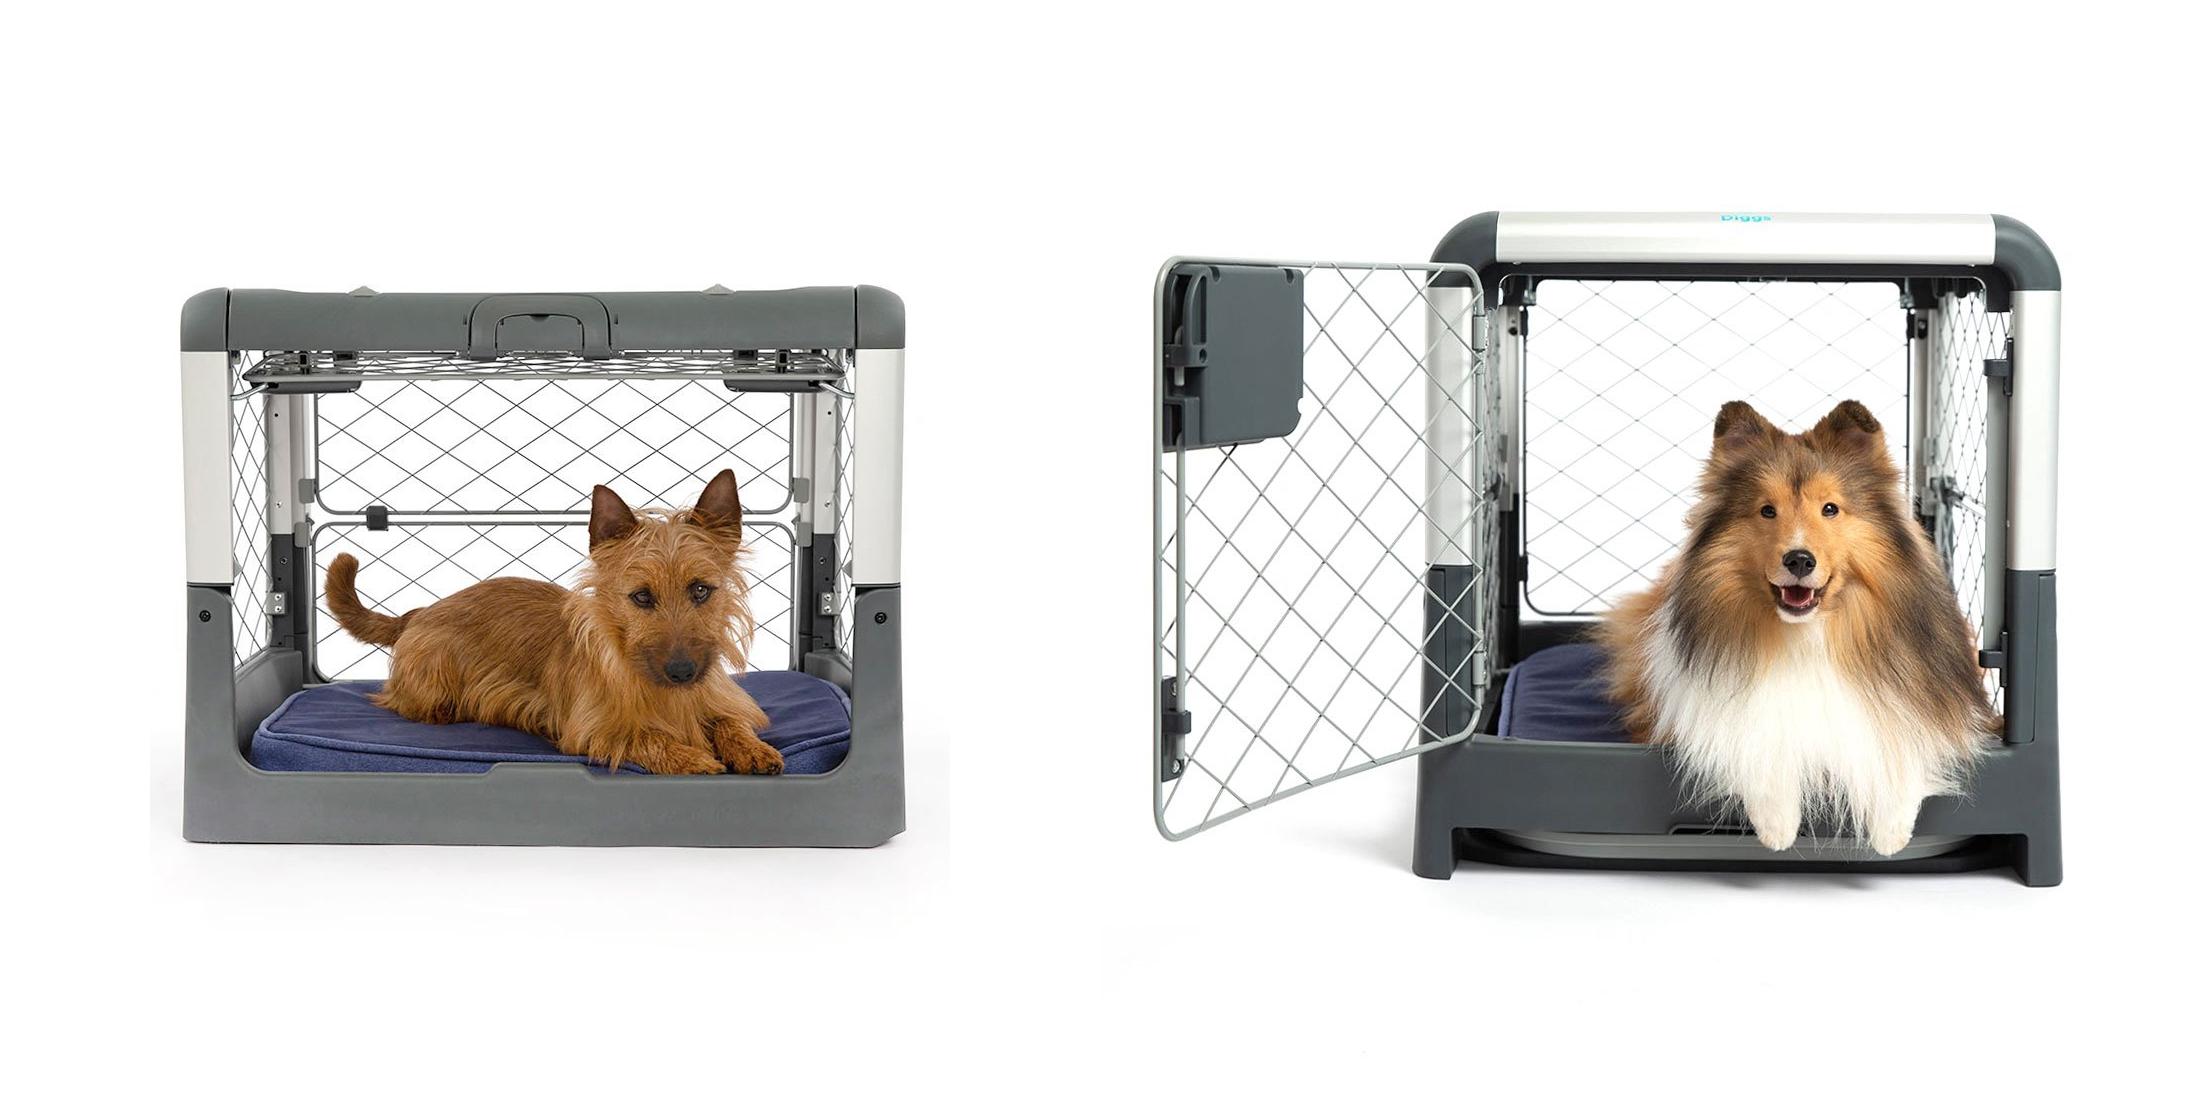 Small and Medium Revol Dog Crates